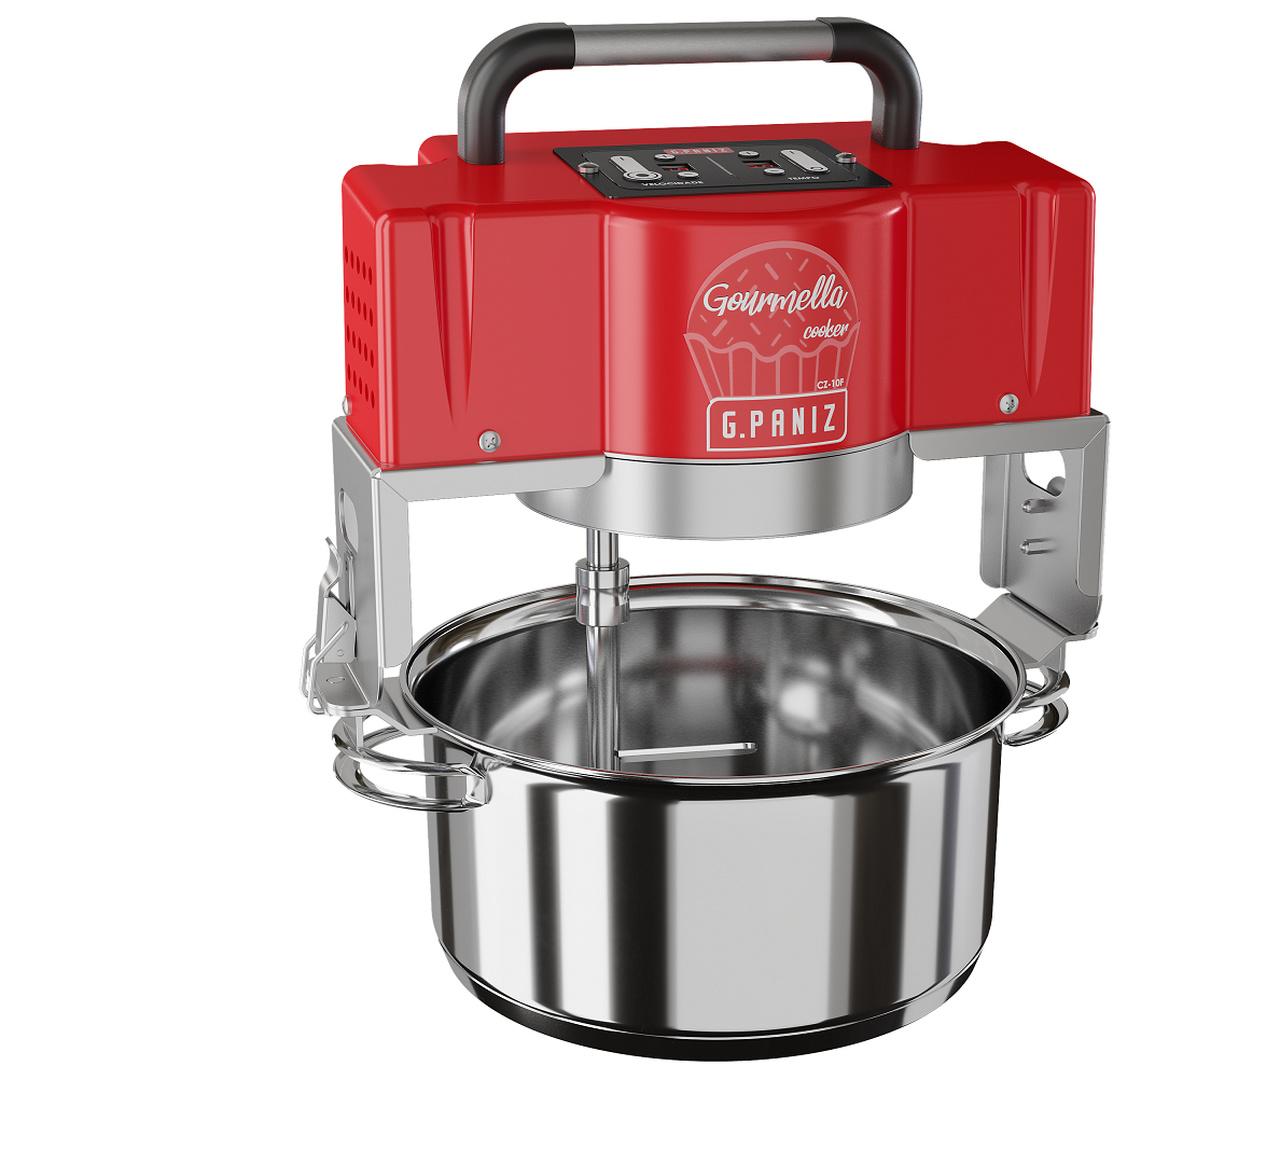 Misturador Industrial Gourmella Cooker CZ 10 F Panela em Inox 220v G Paniz